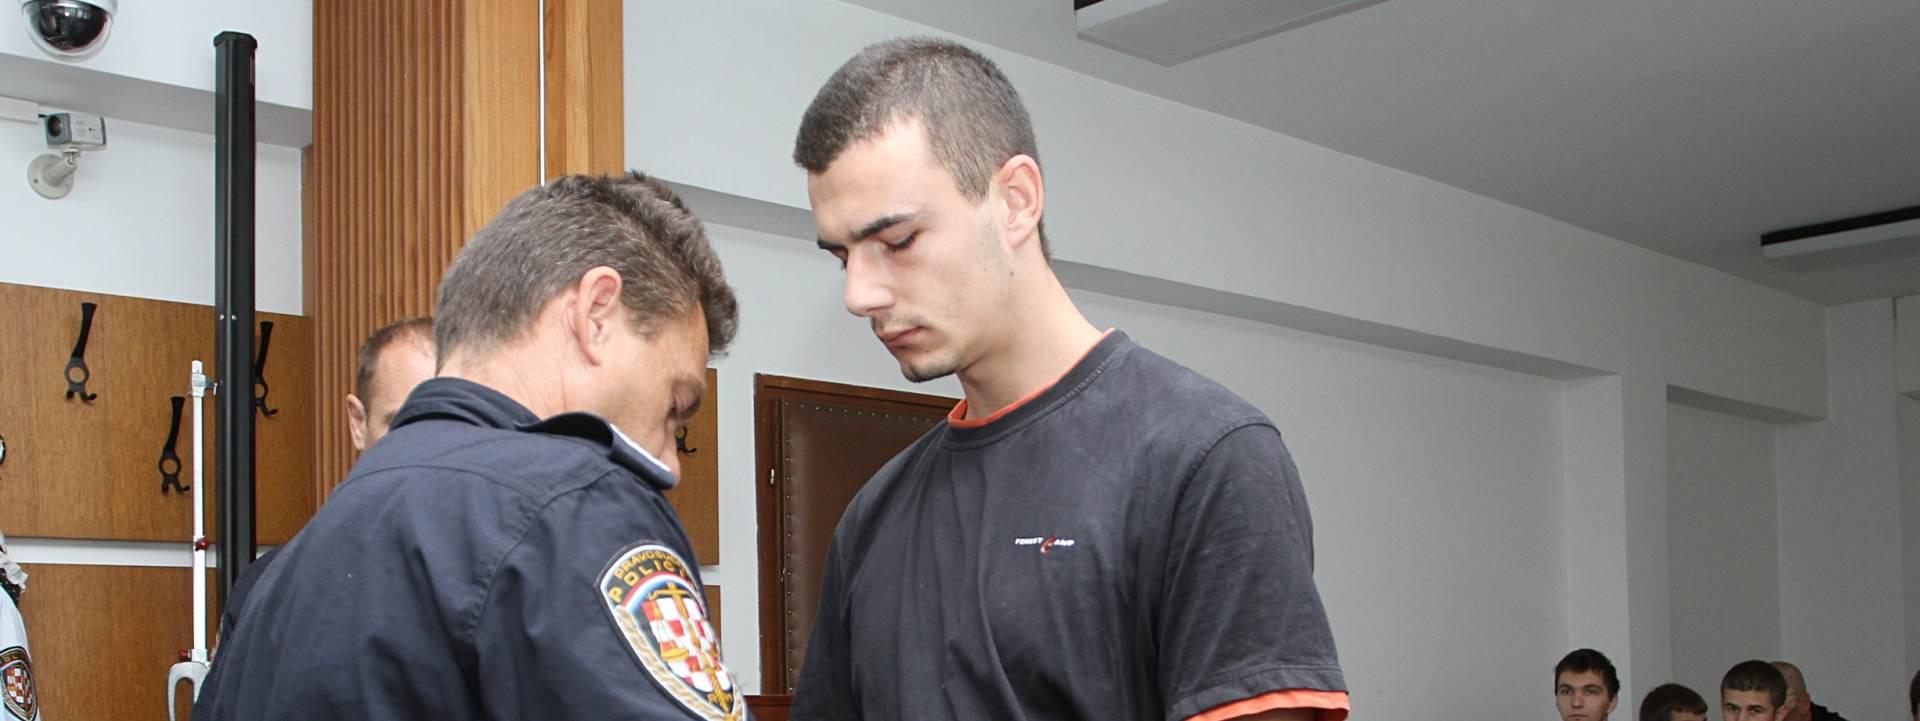 LJUBOMORA: U ponedjeljak presuda za ubojstvo dvojice mladića u Vojniću 2013.